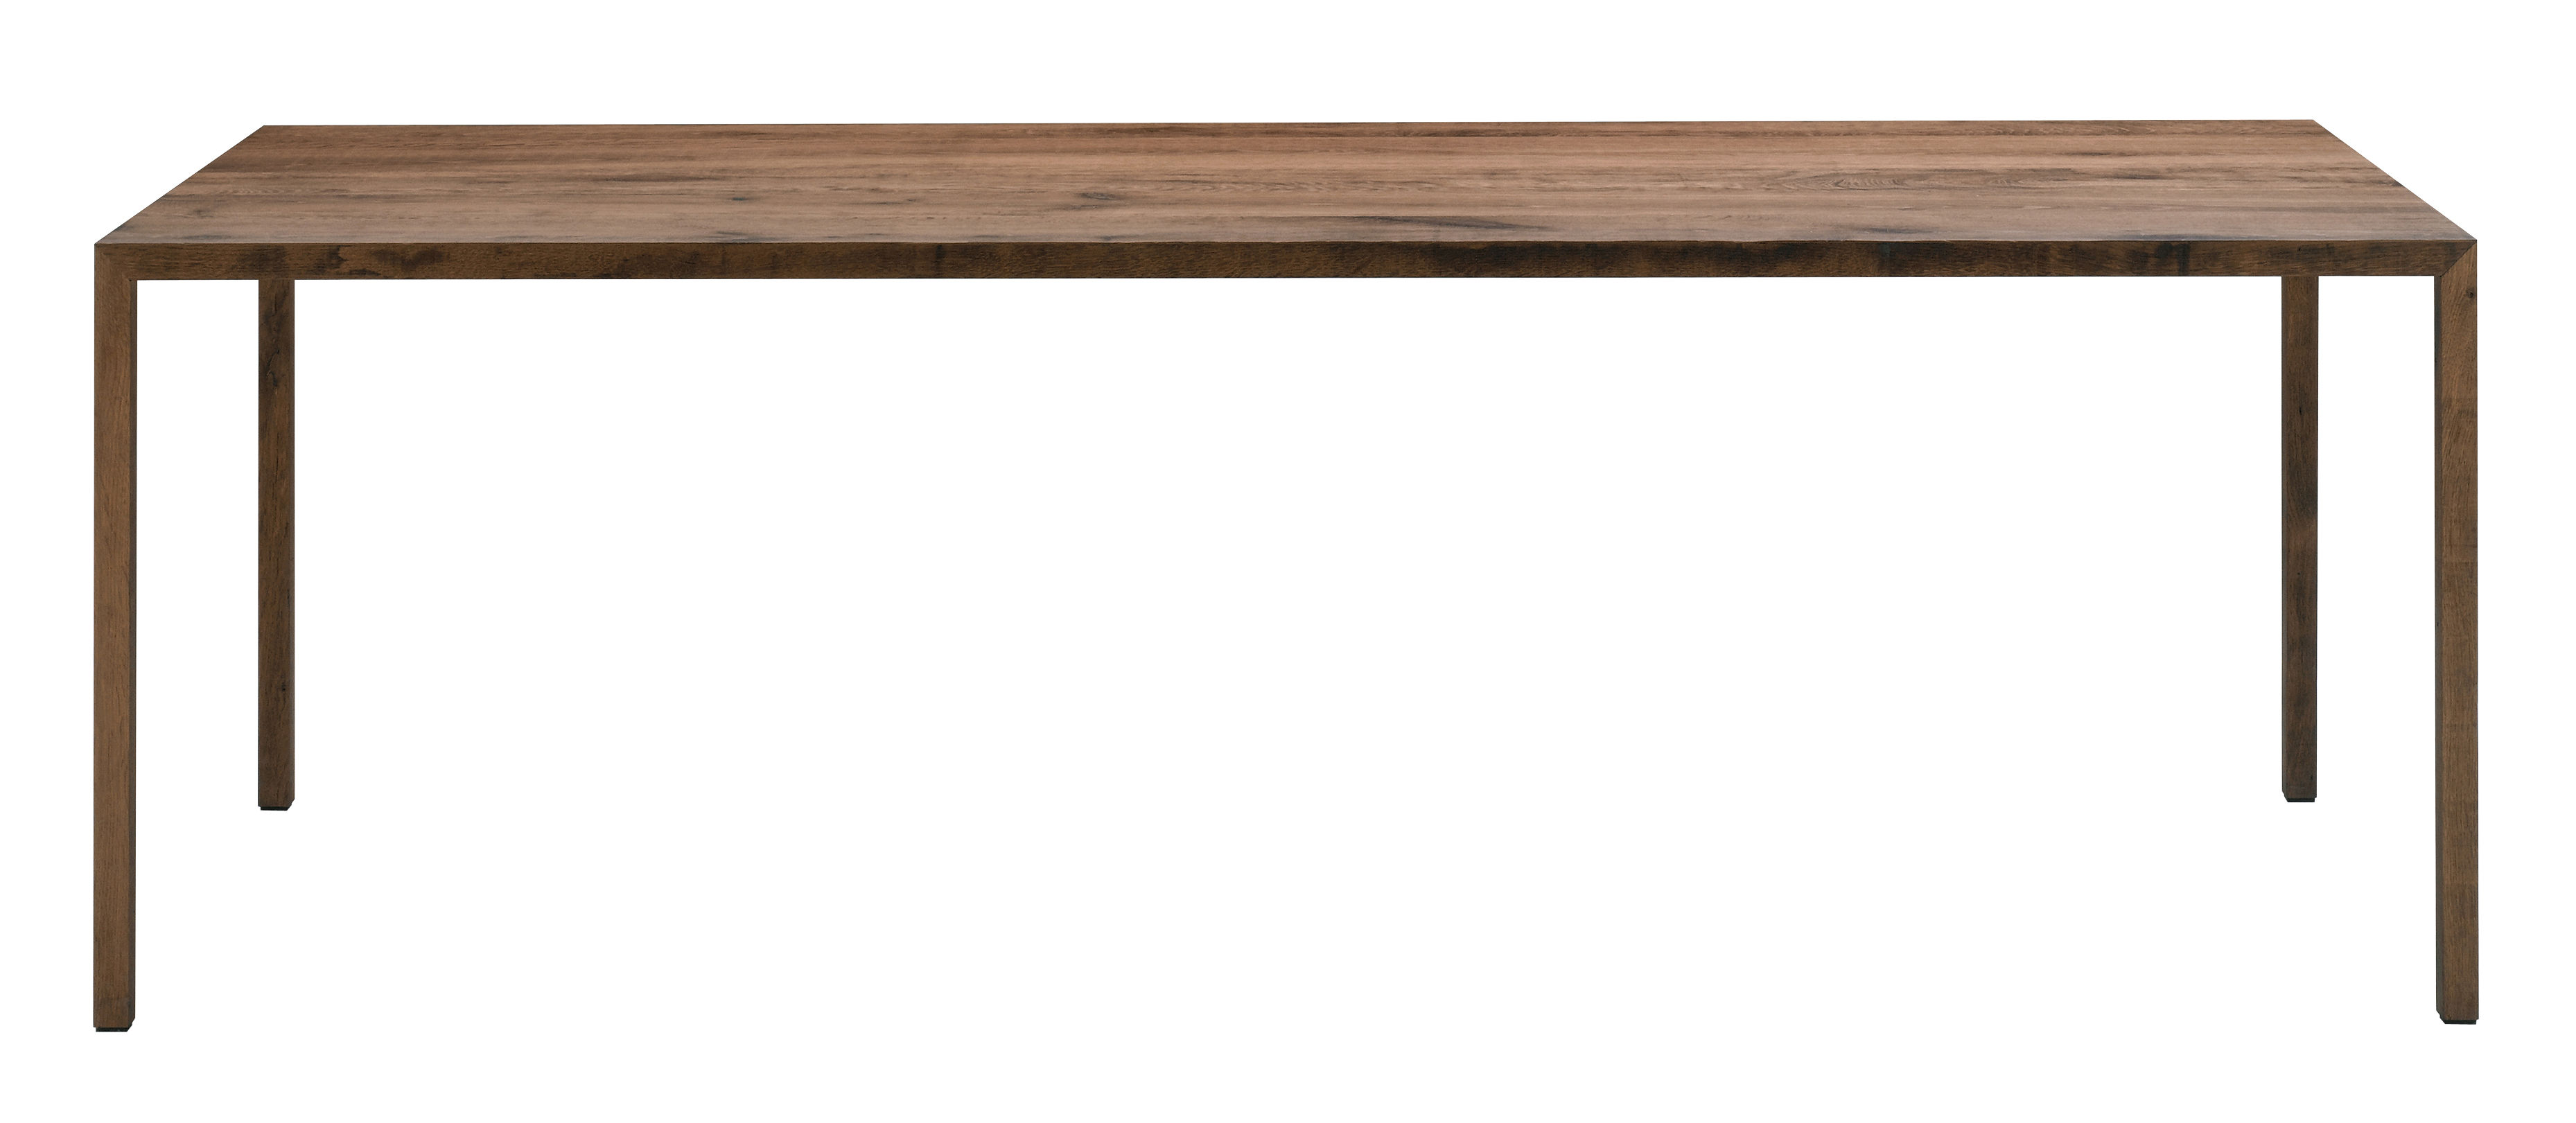 Tendenze - A tavola! - Tavolo Tense Material / 90 x 200 cm - Quercia - MDF Italia - Quercia naturale - Impiallacciatura rovere massello, Pannello composito